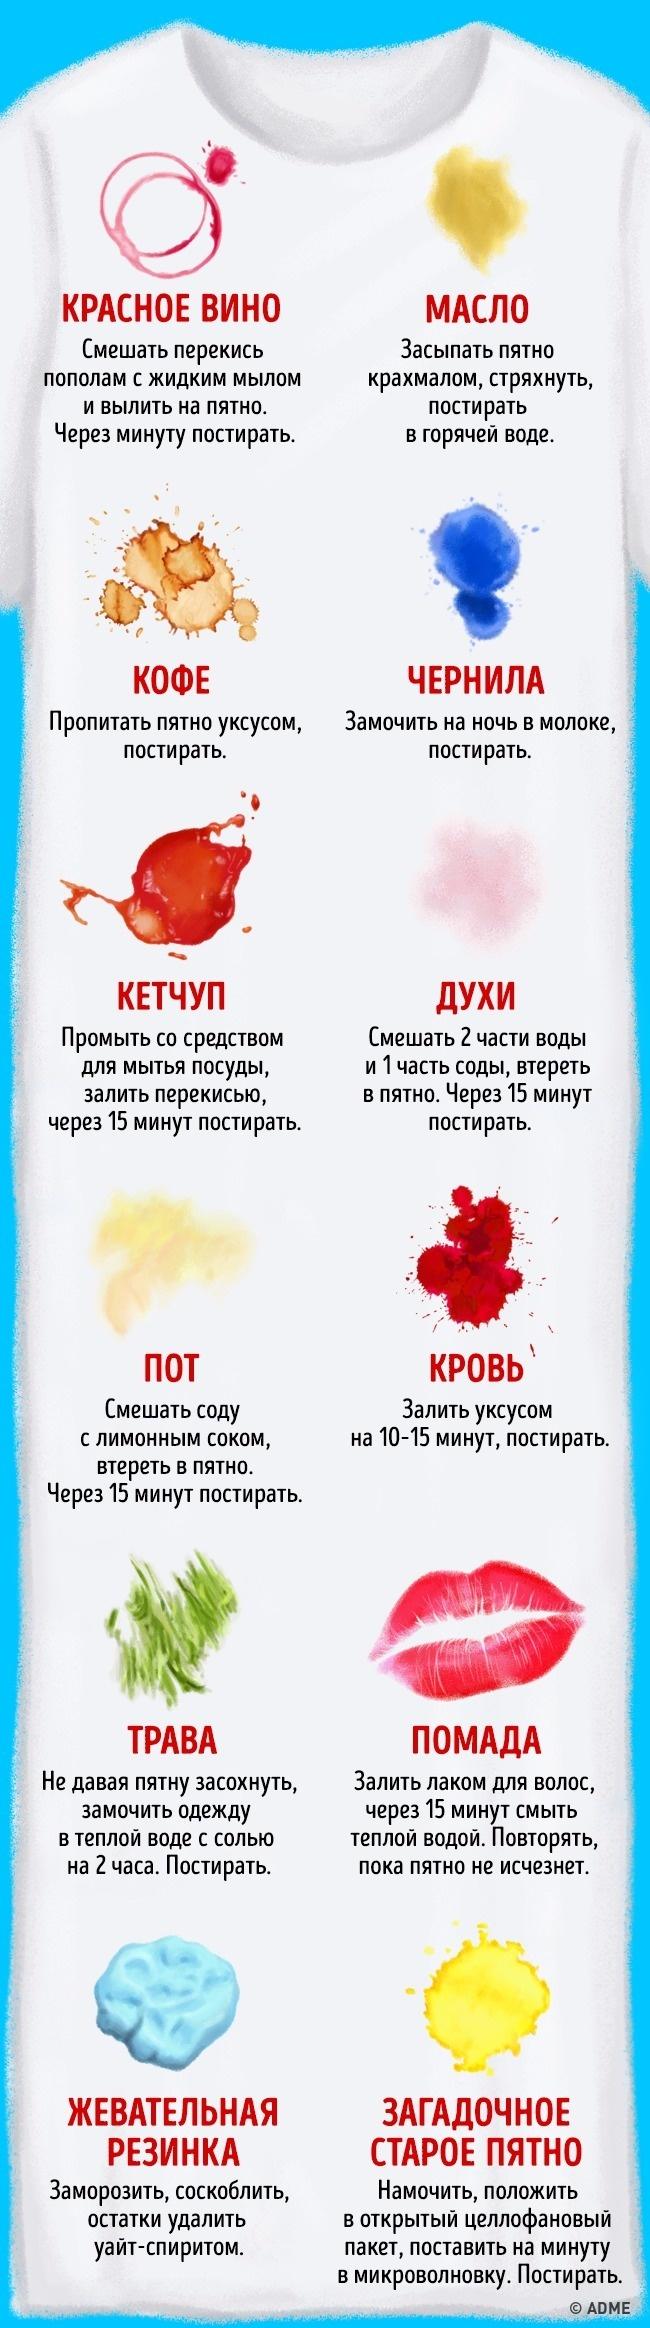 Иллюстратор Astkhik Rakimova специально для Fotojoin.ru